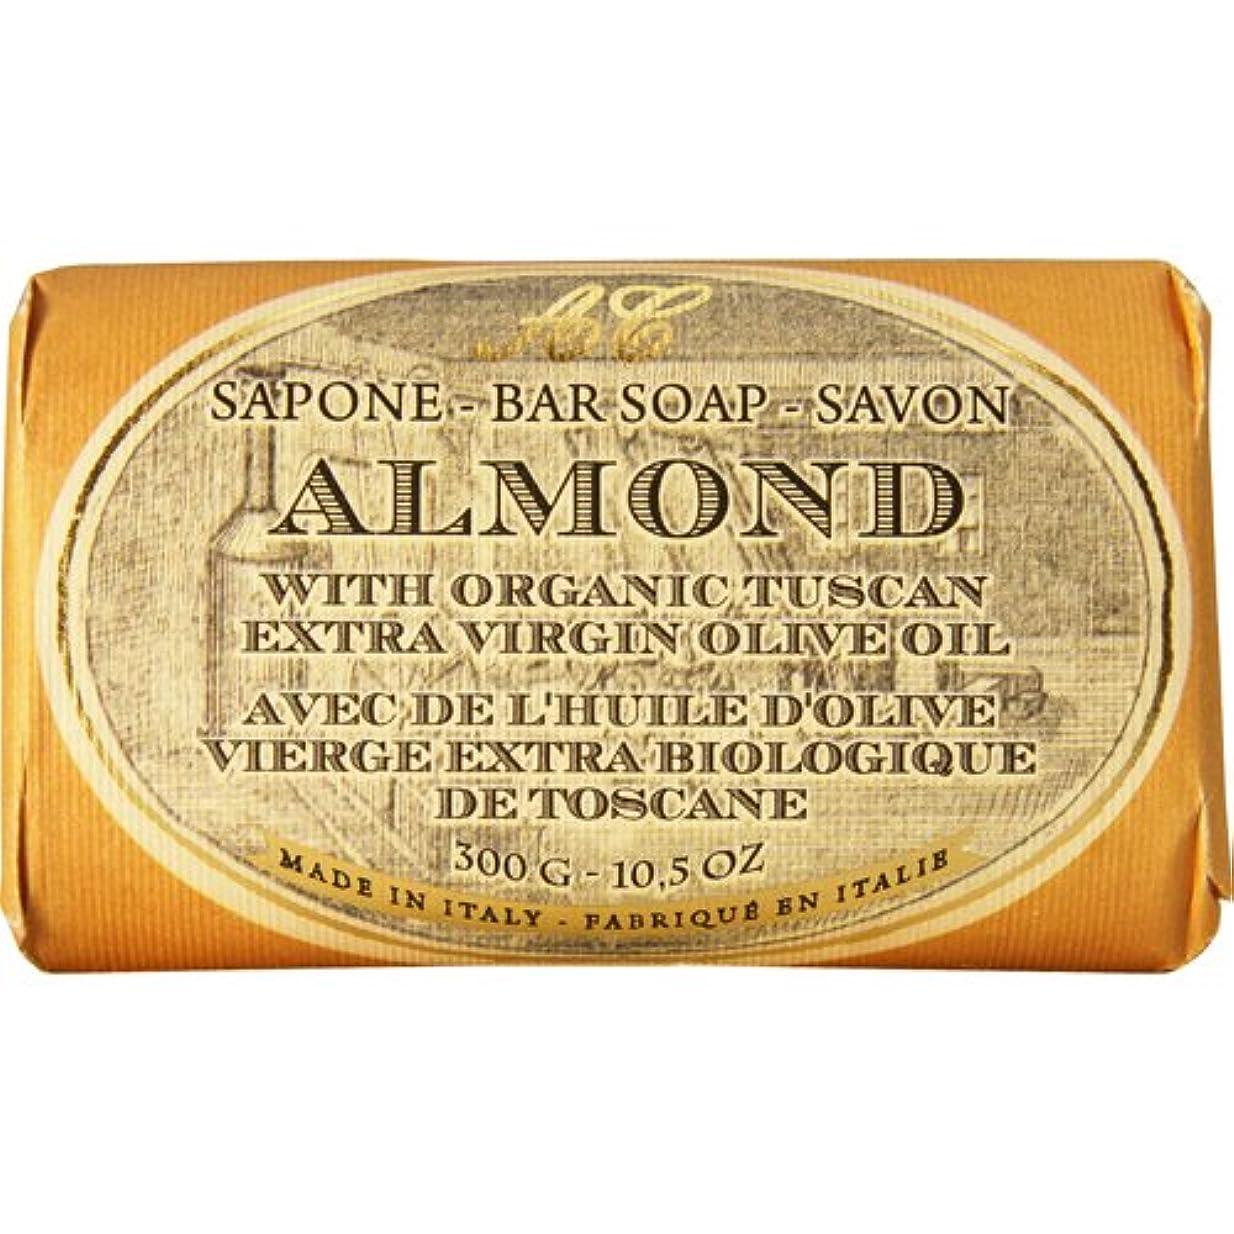 些細速記取り扱いSaponerire Fissi レトロシリーズ Bar Soap バーソープ 300g Almond アーモンドオイル